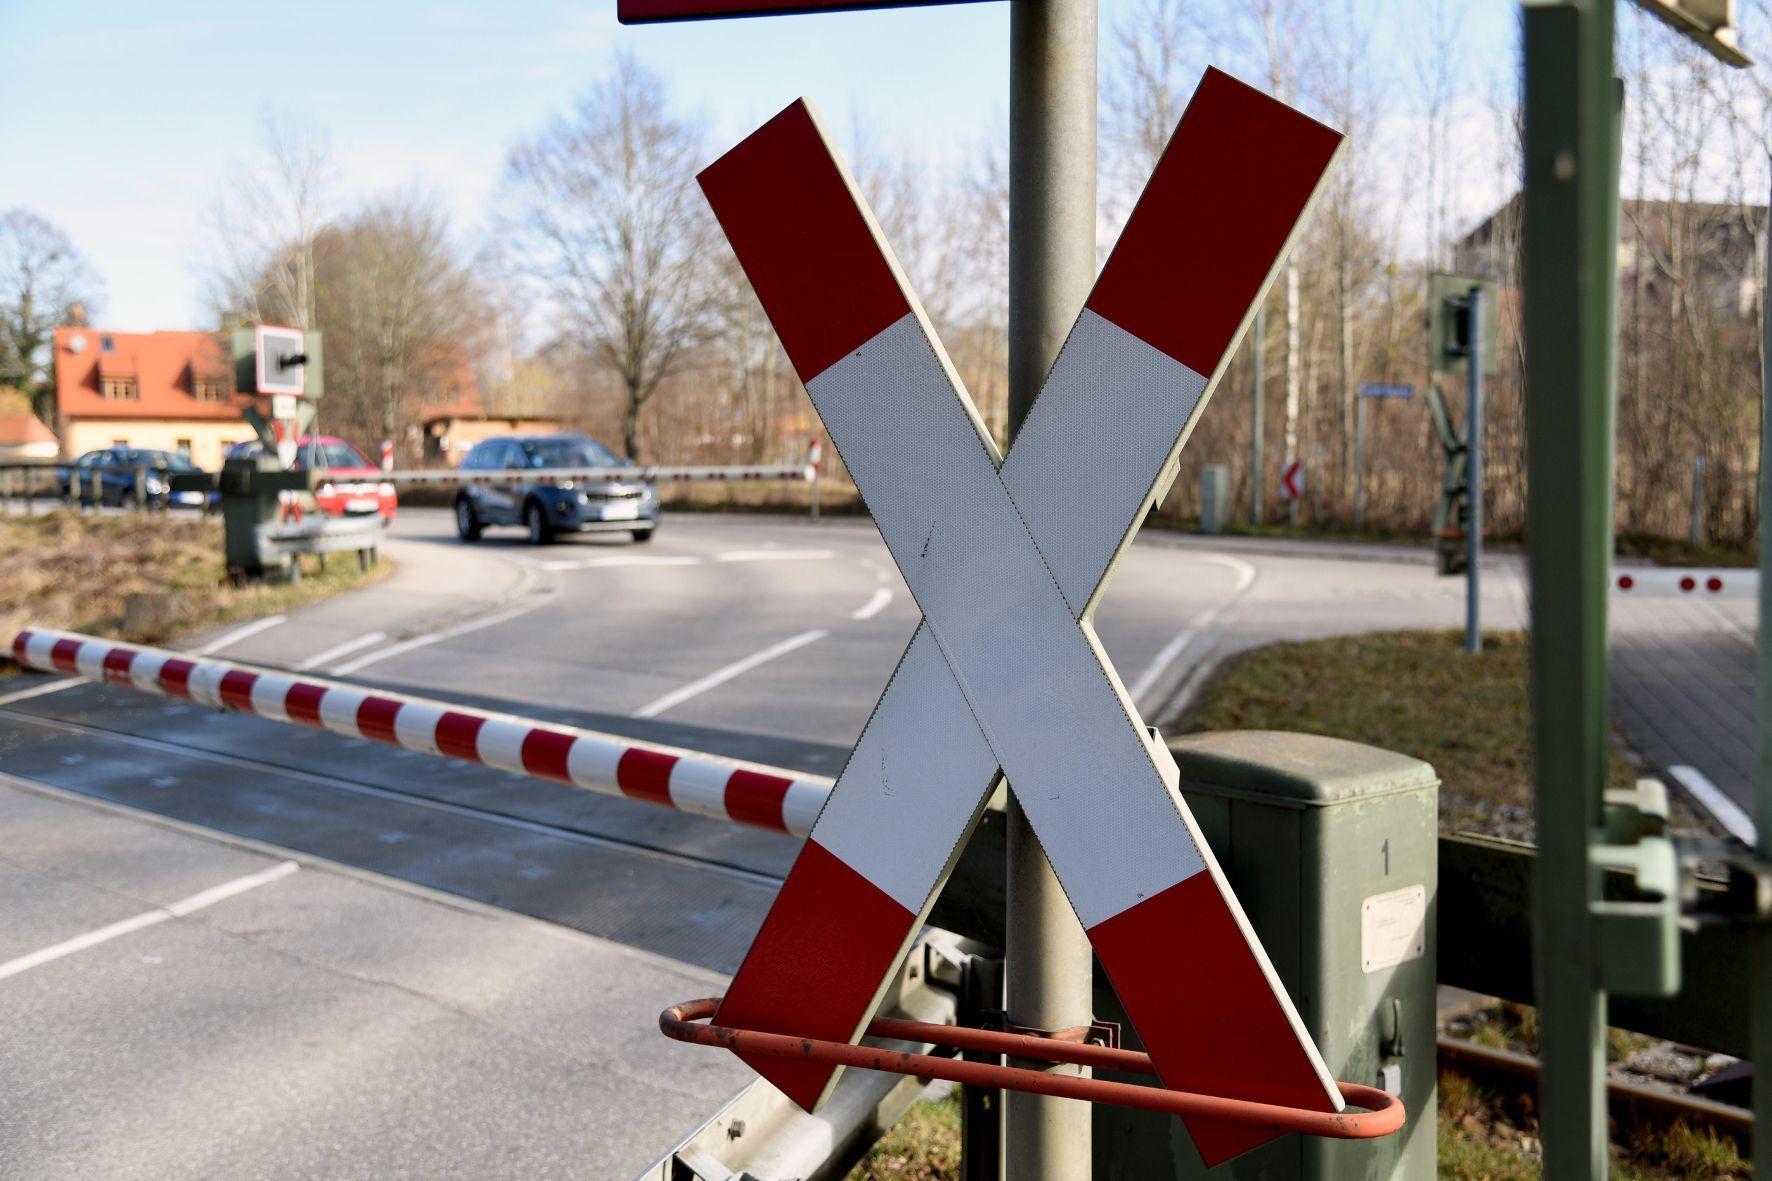 mid Groß-Gerau - Kein Interpretations-Spielraum: Vor der geschlossenen Schranke müssen Autofahrer immer anhalten.